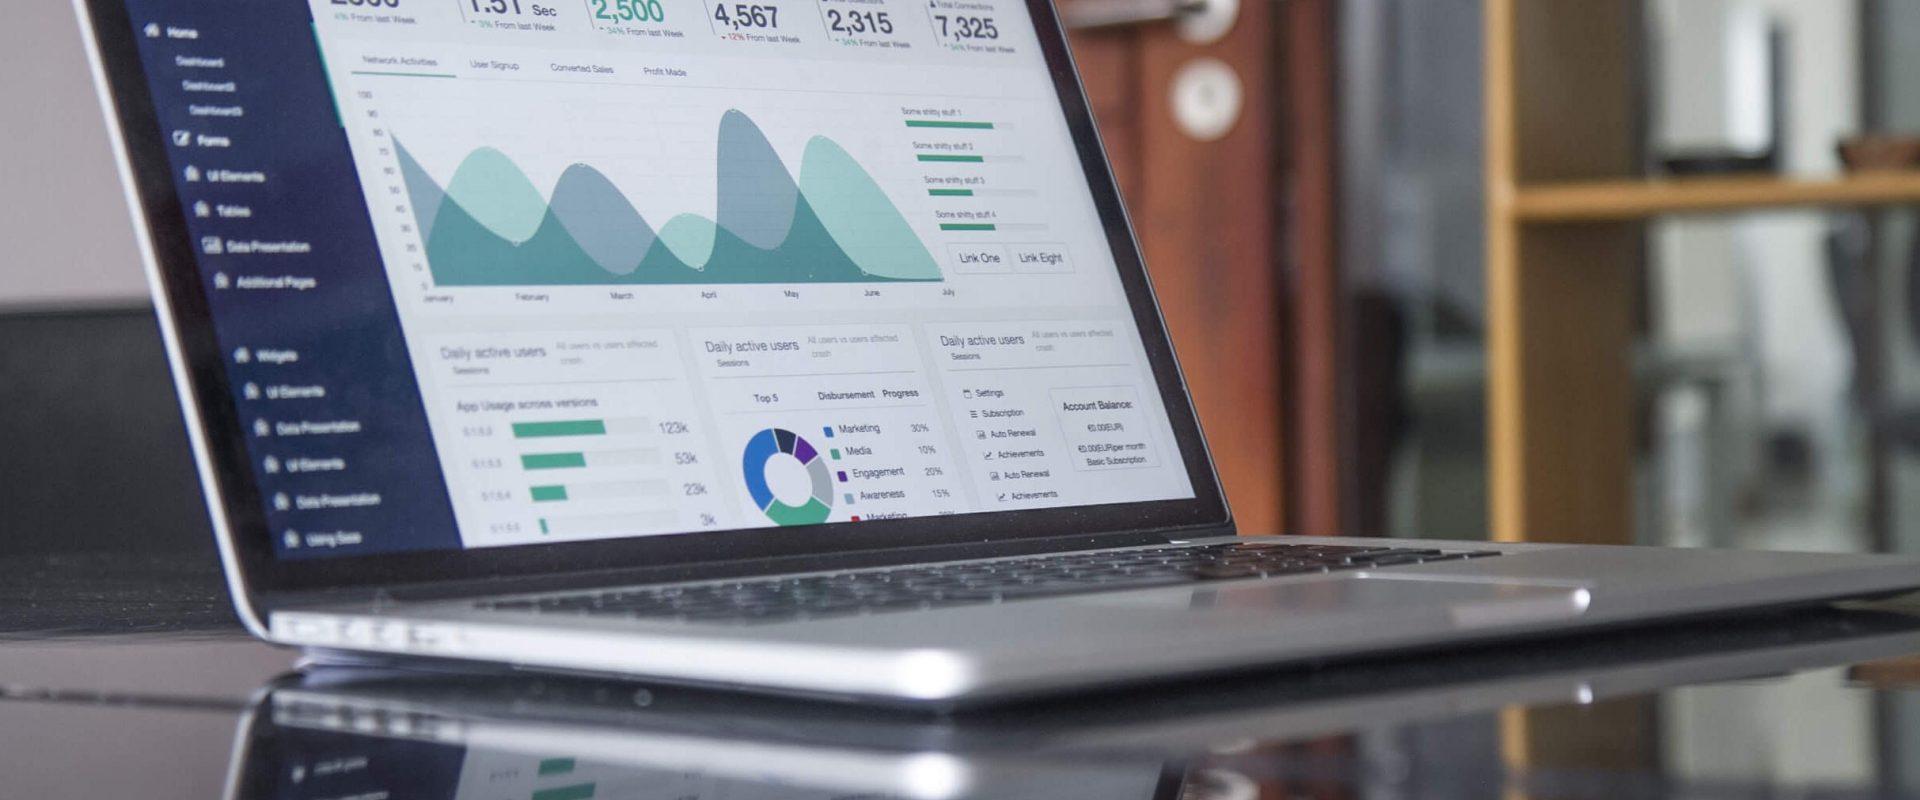 Laptop mit Statistik-Dashboard